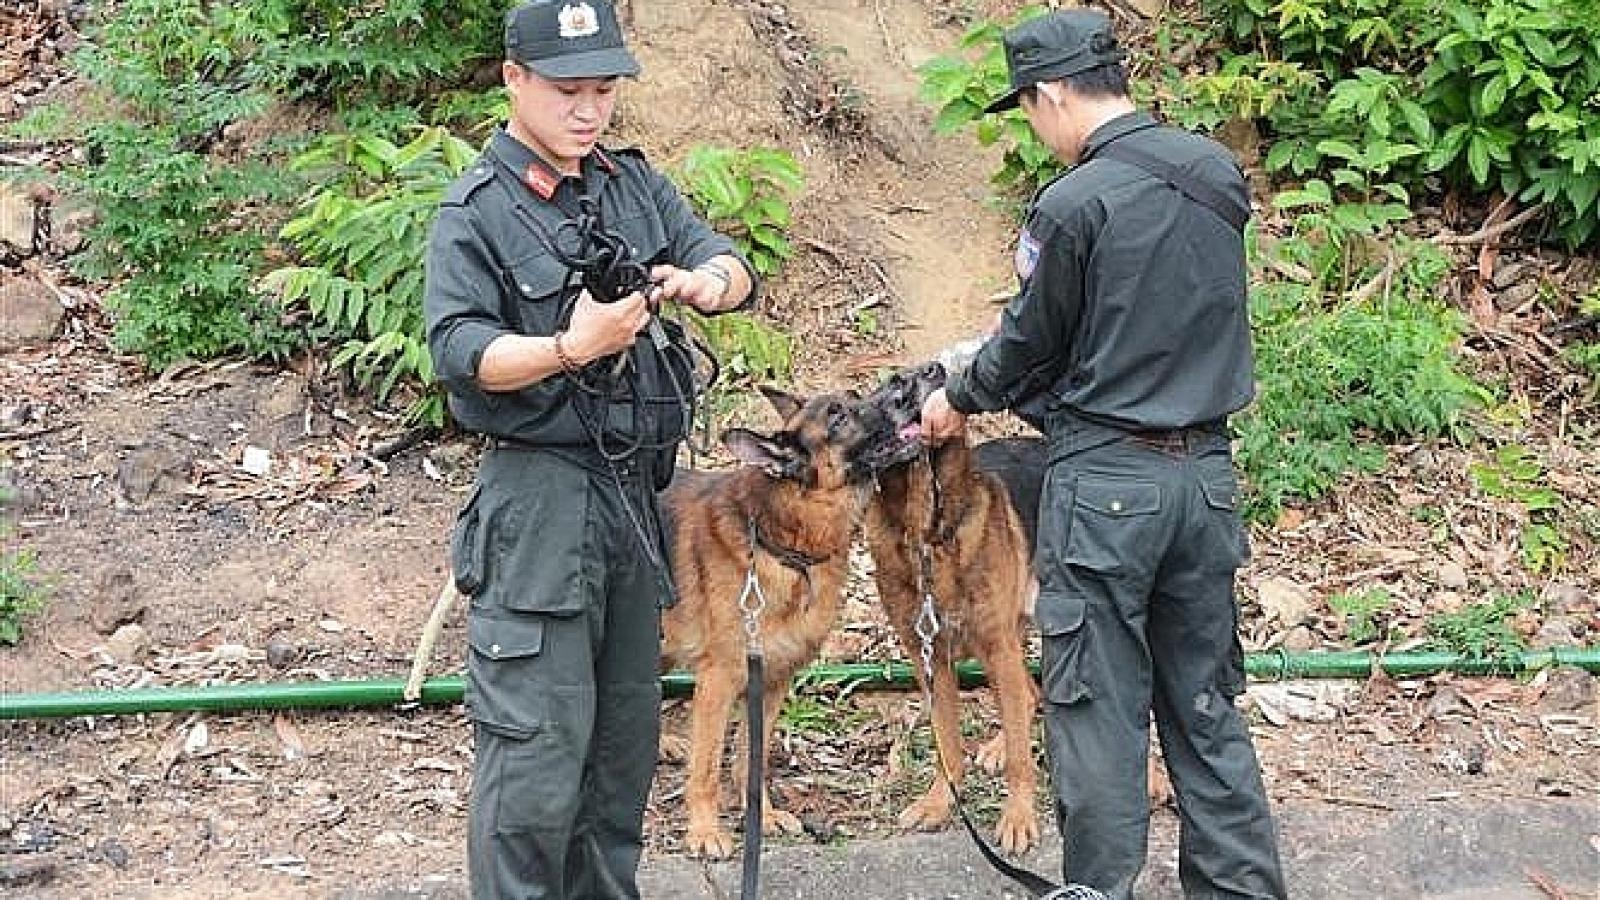 Truy bắt đối tượng chém 4 người rồi trốn vào rừng tại Lạng Sơn